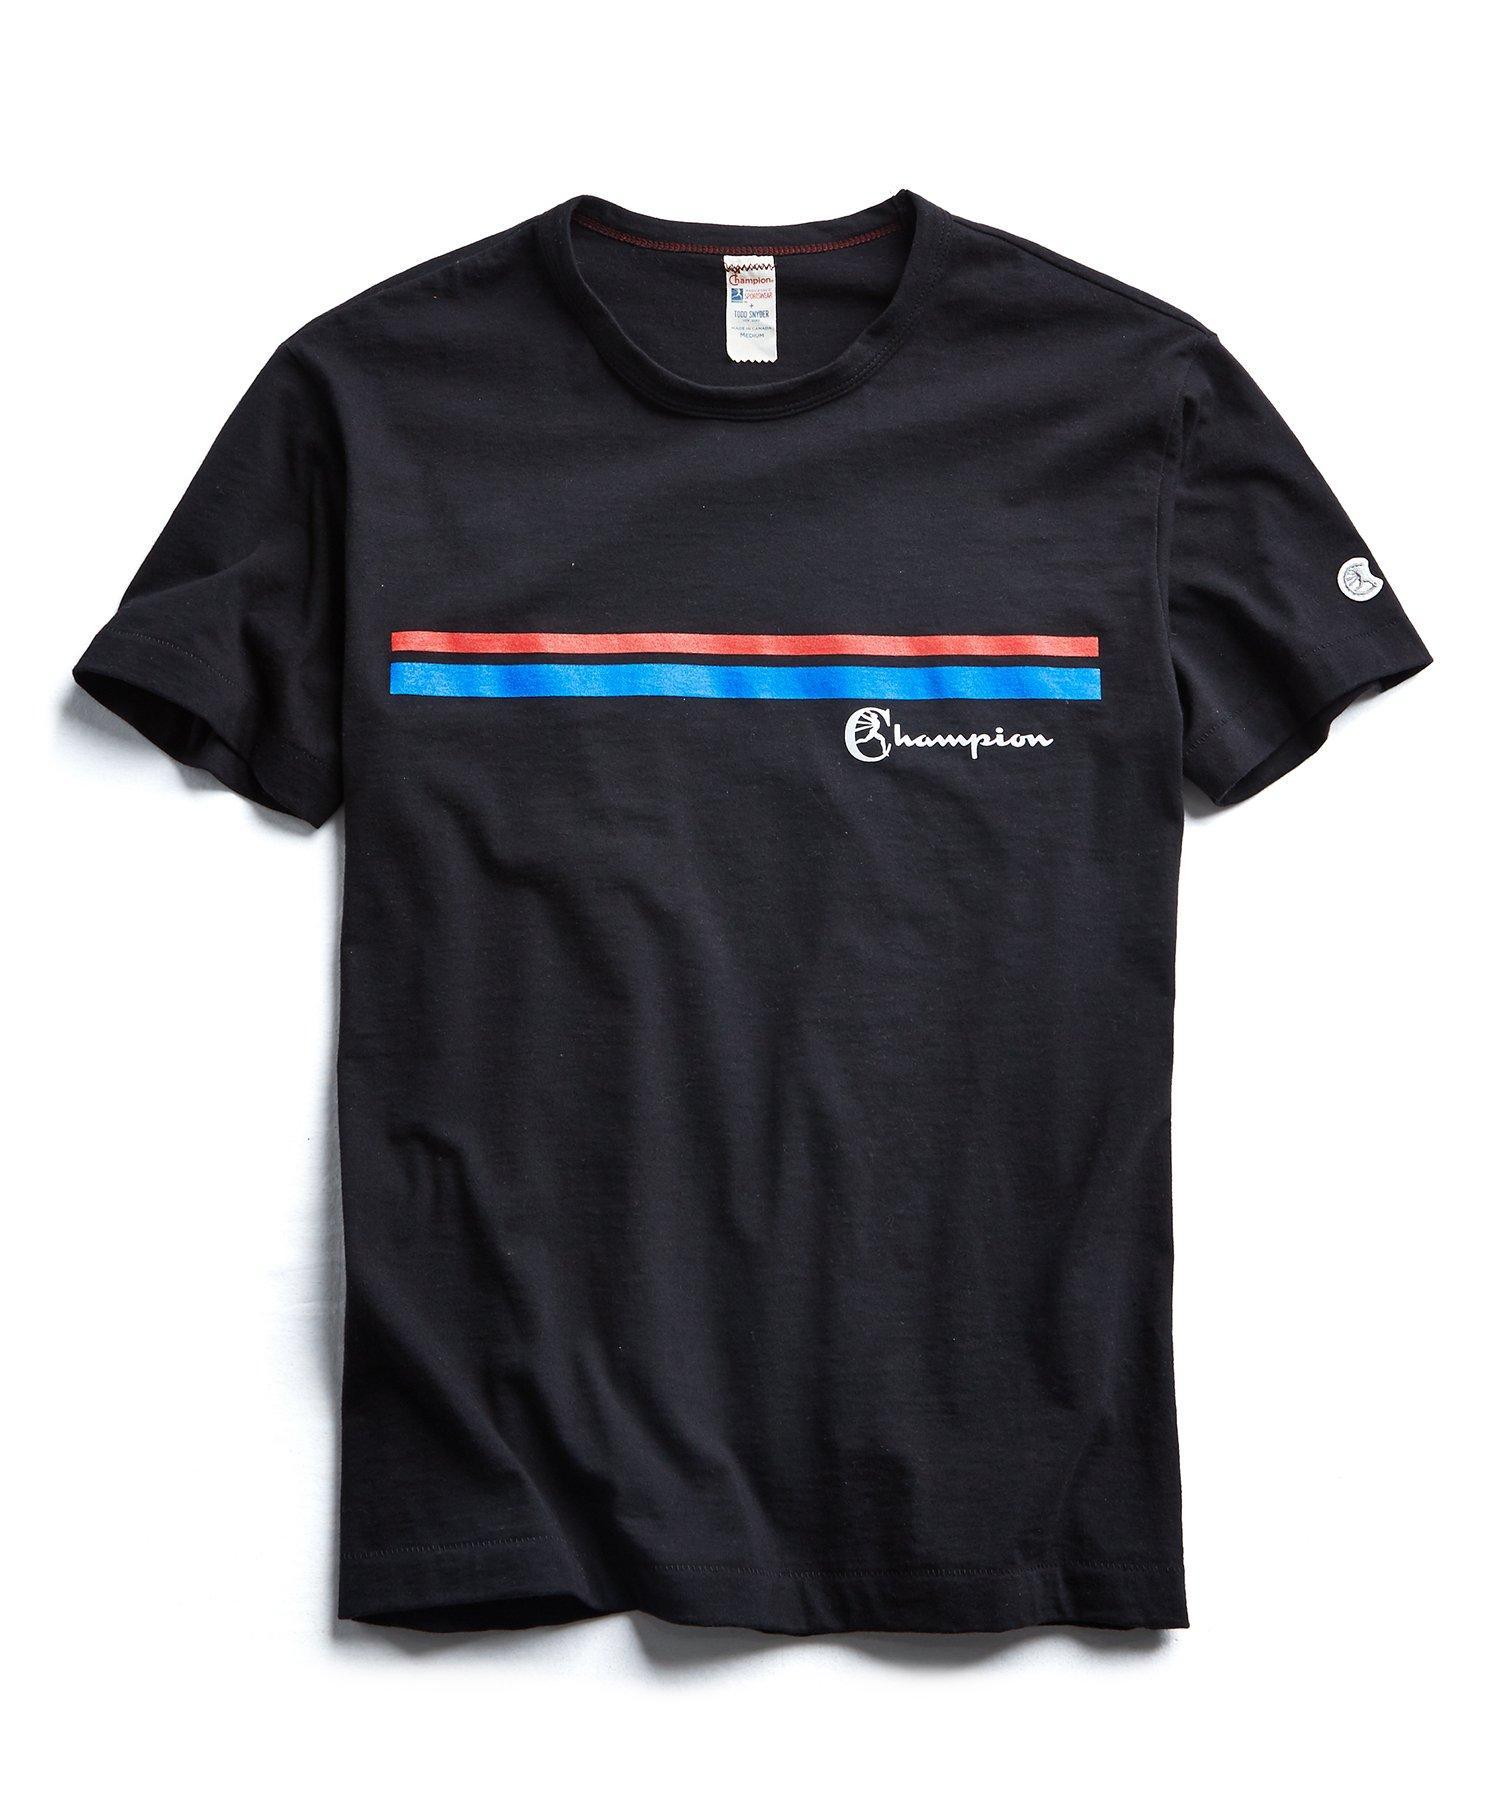 e34f4cf9 Todd Snyder Champion Double Stripe Graphic T-shirt In Black in Black ...